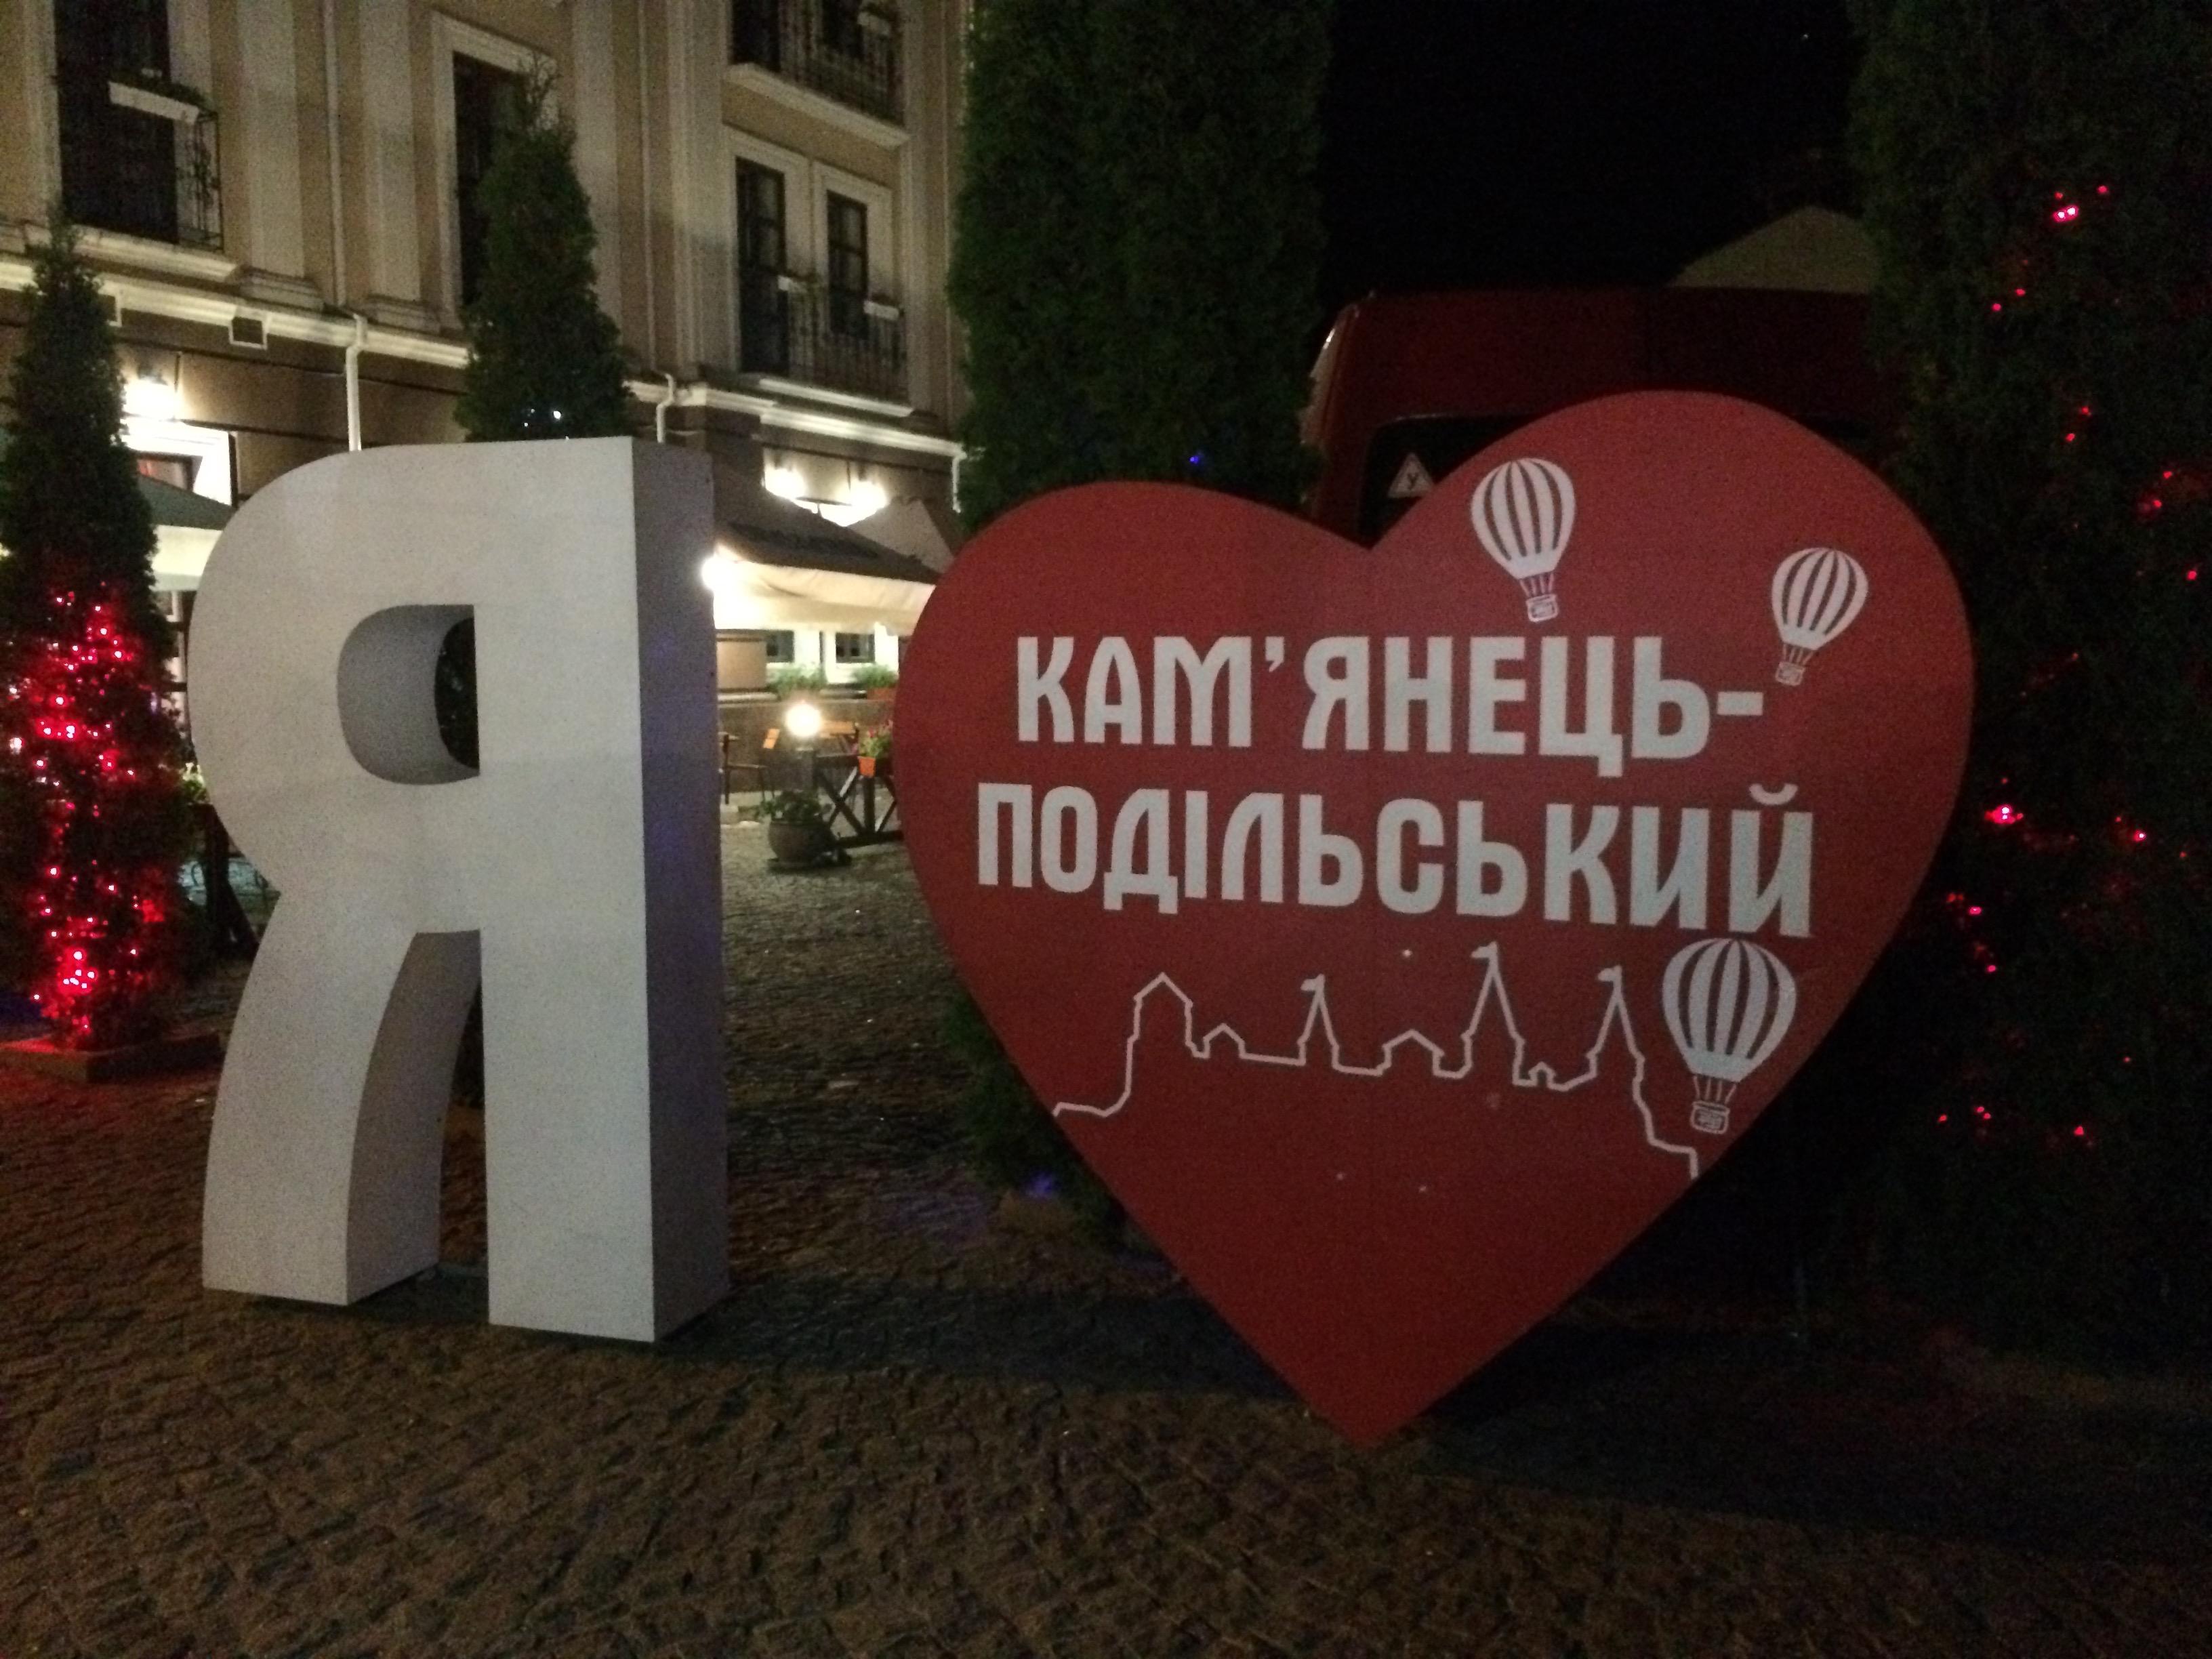 Камянец-Подольский ночью